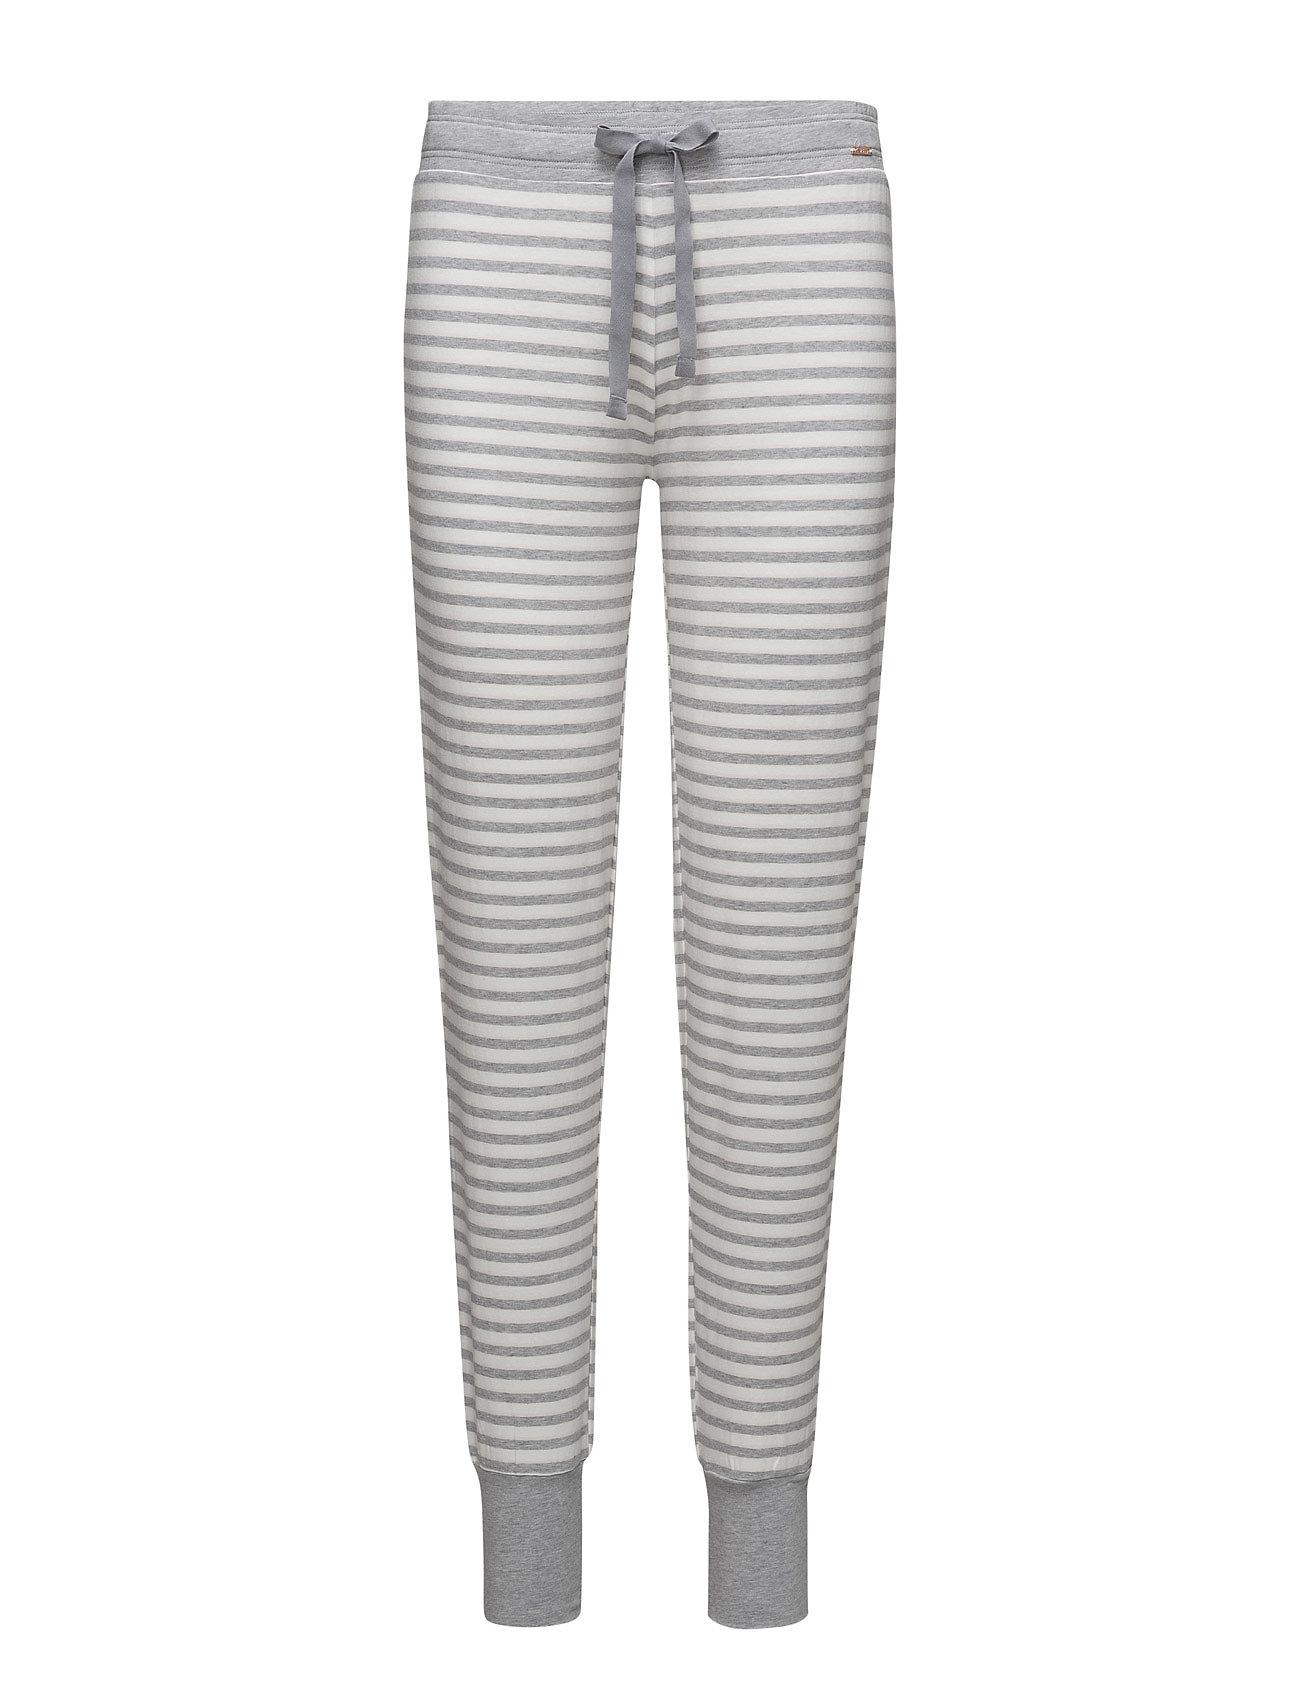 L. Pant Long Skiny Loungewear til Damer i